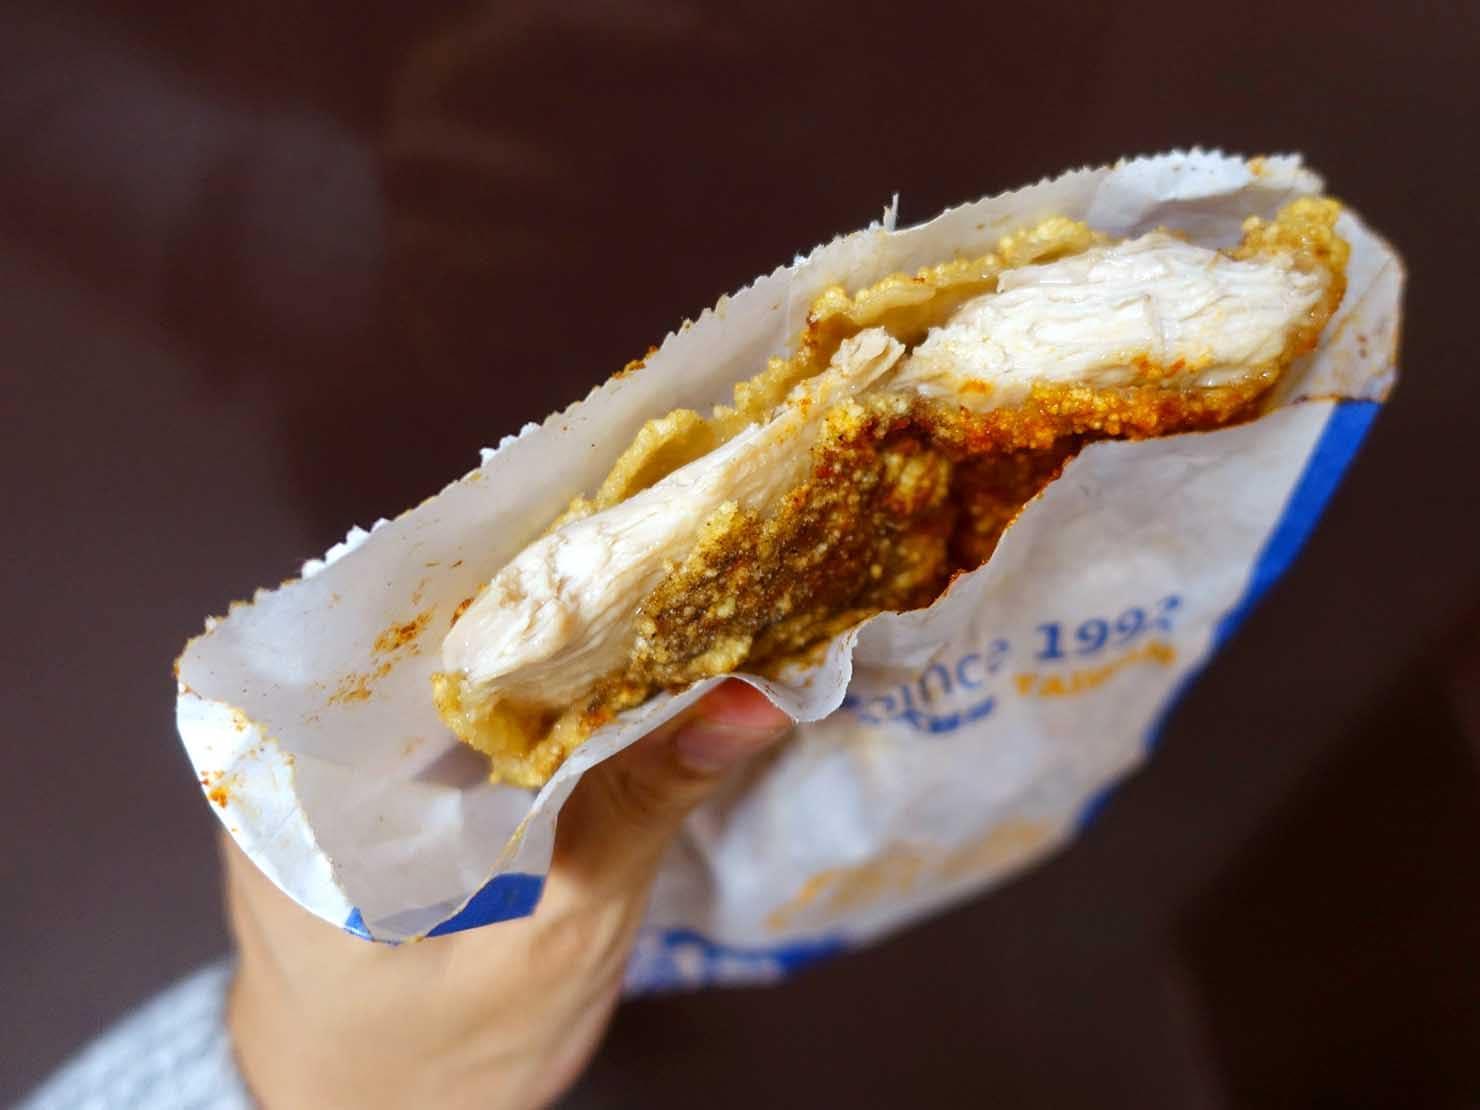 台北駅駅ナカ(車站大廳)のおすすめグルメ店「HOT-STAR 豪大大雞排」の豪大大雞排(フライドチキン)クローズアップ